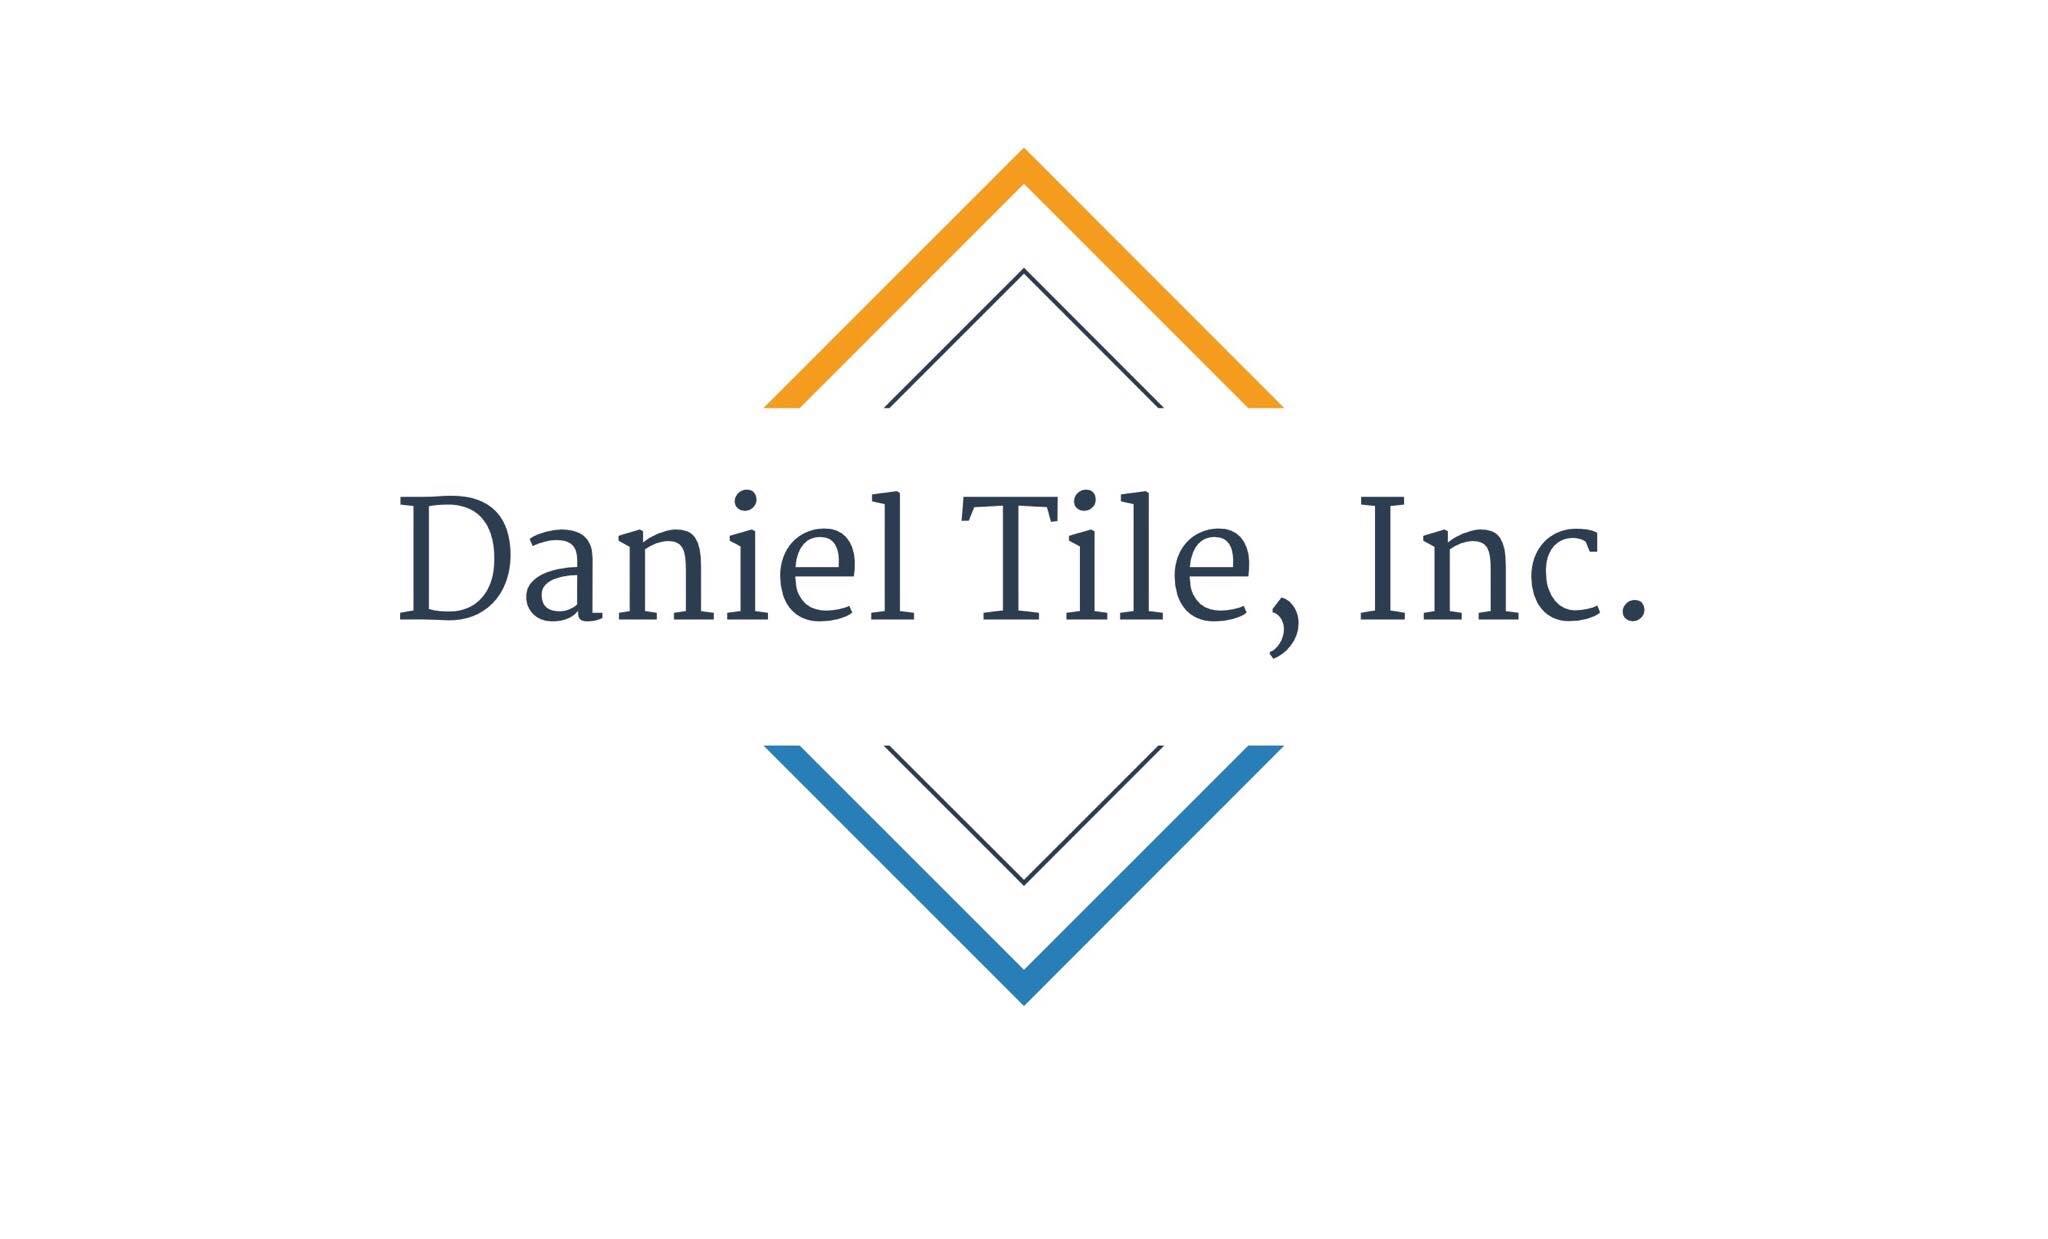 Daniel Tile, Inc